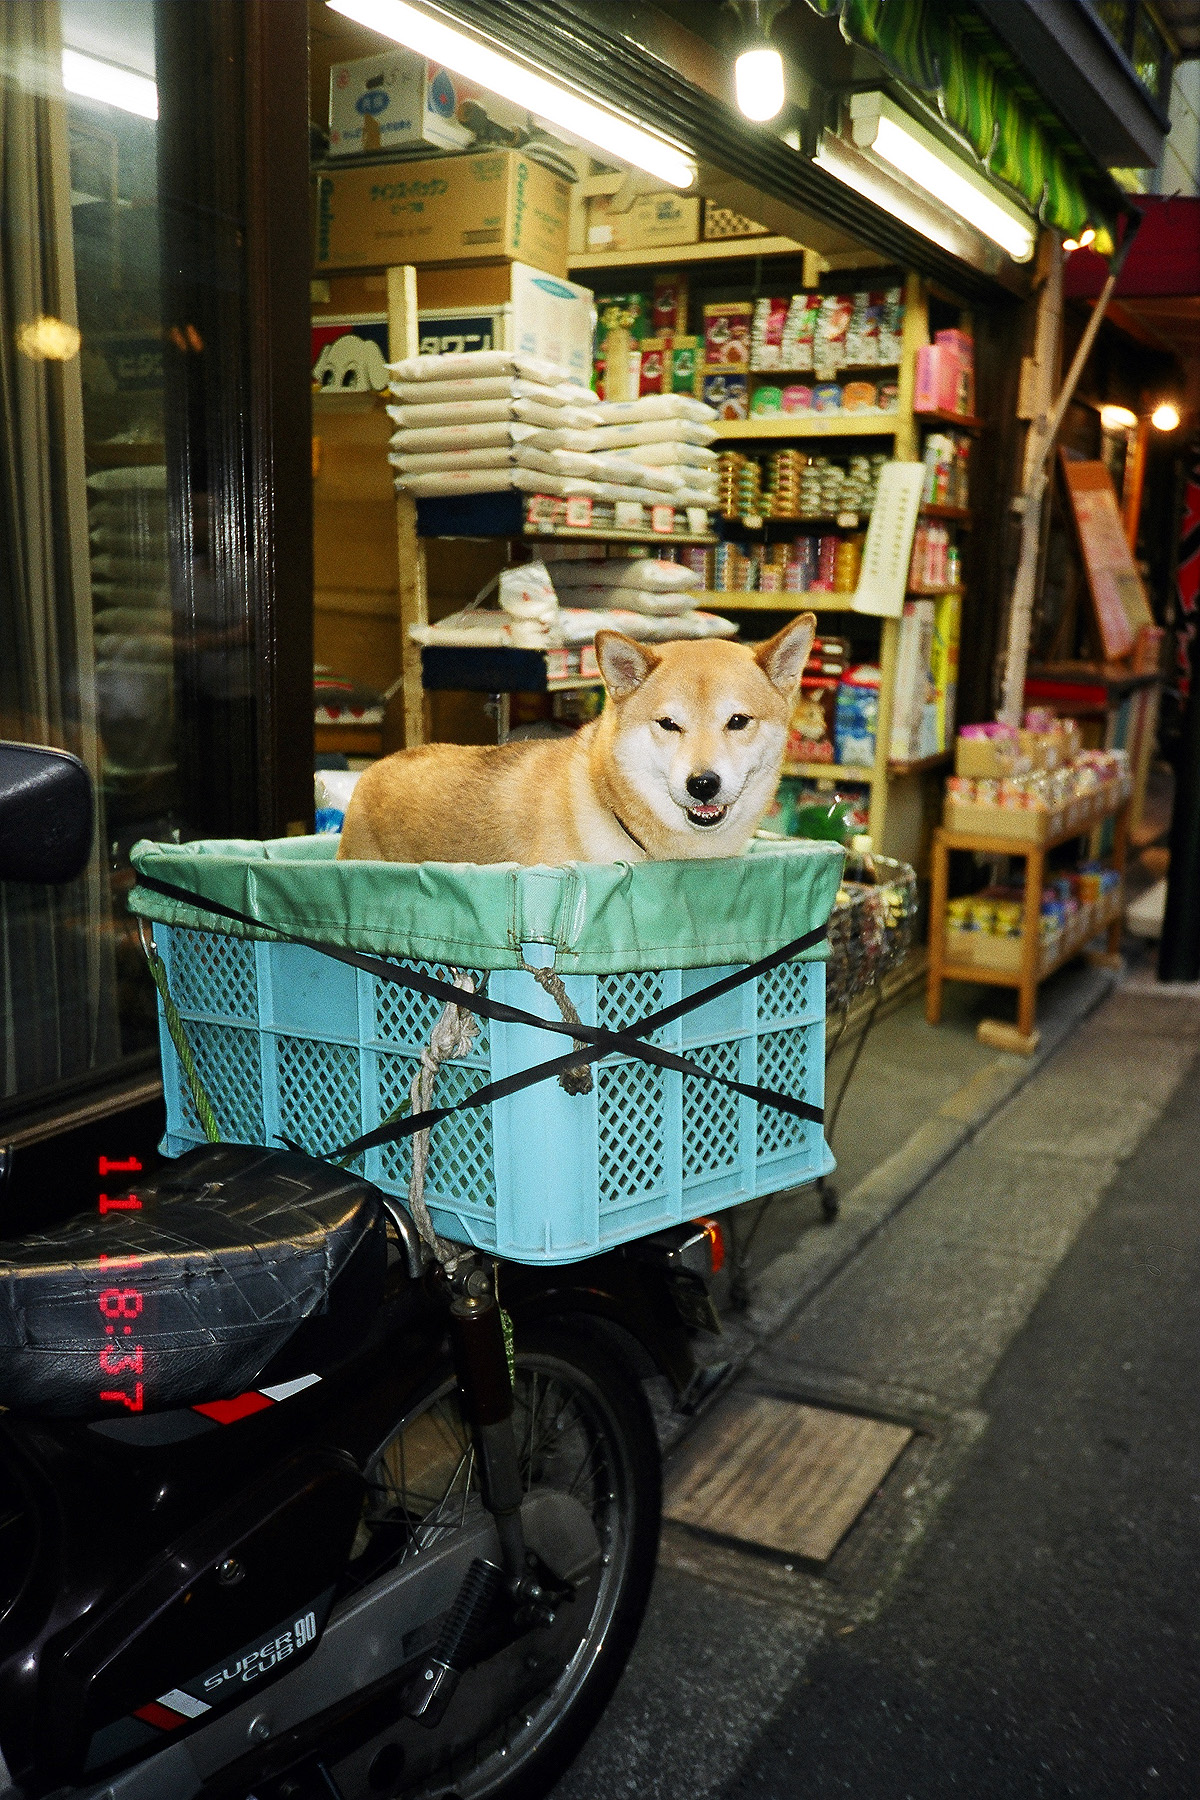 016 「金星 小川米店」の看板犬「ヤマト」渋谷区代々木1-42-12 20020511(2002.15.(23)15)